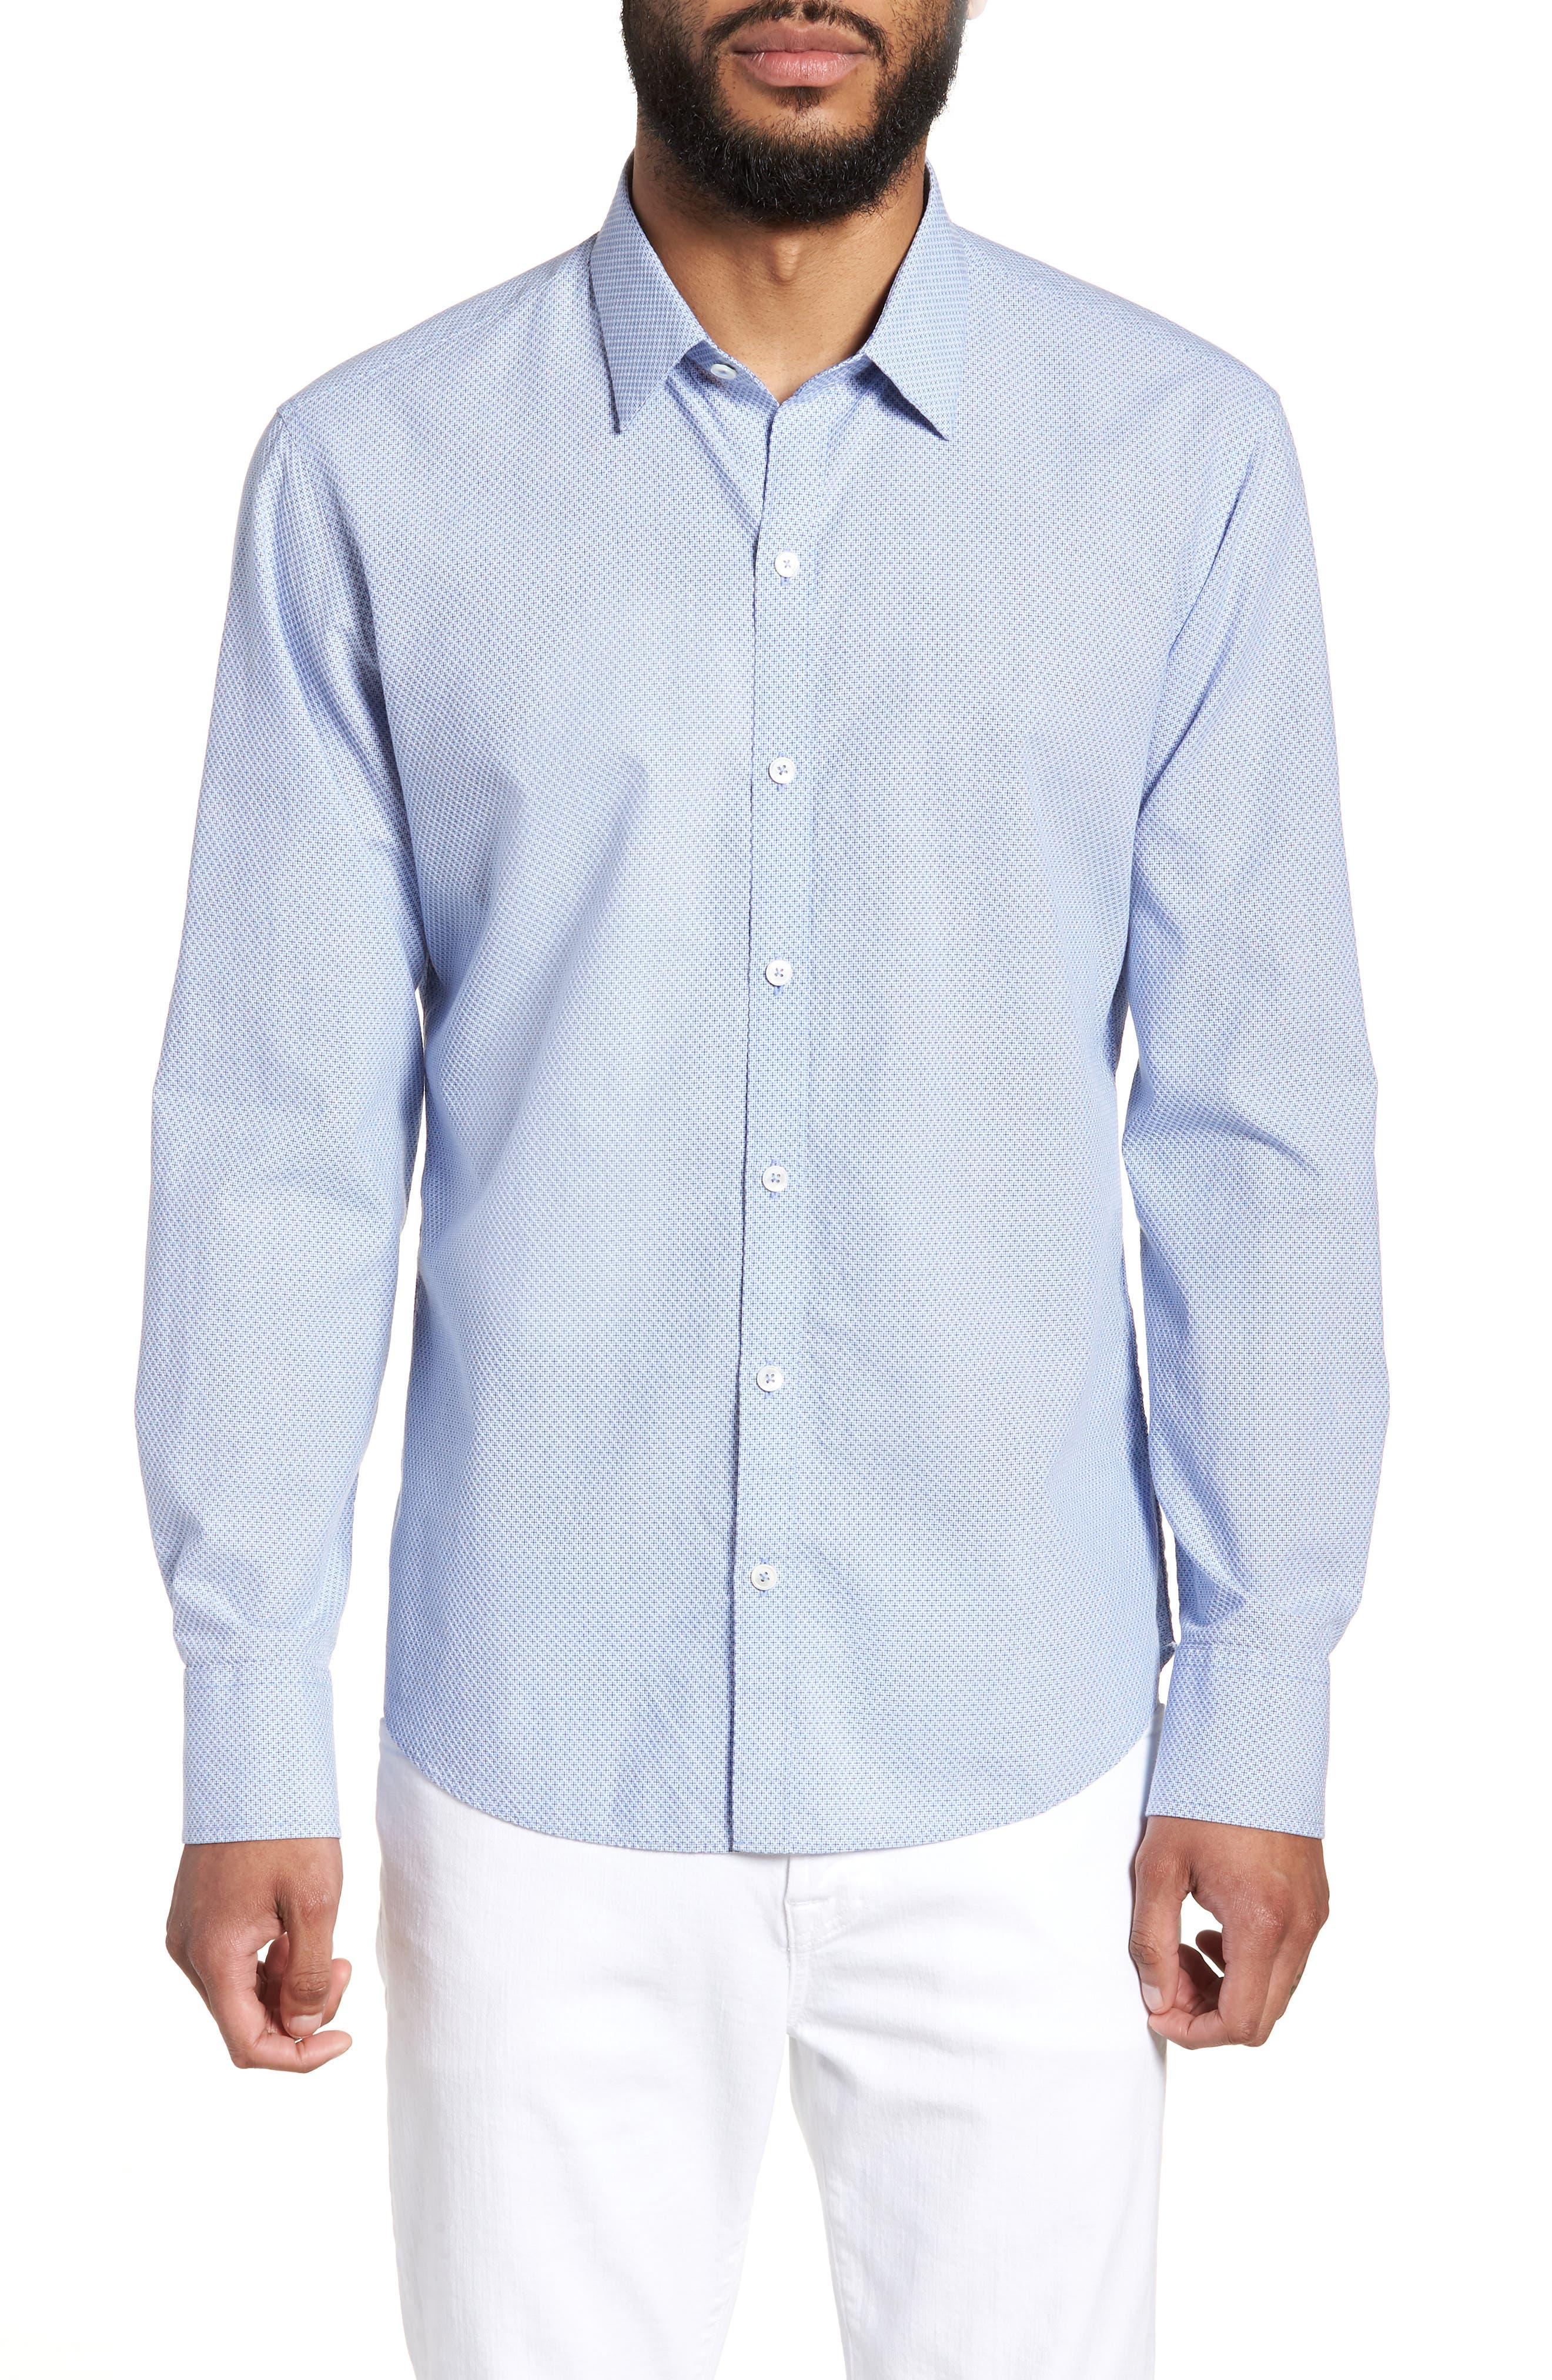 Jamba Regular Fit Sport Shirt,                             Main thumbnail 1, color,                             400